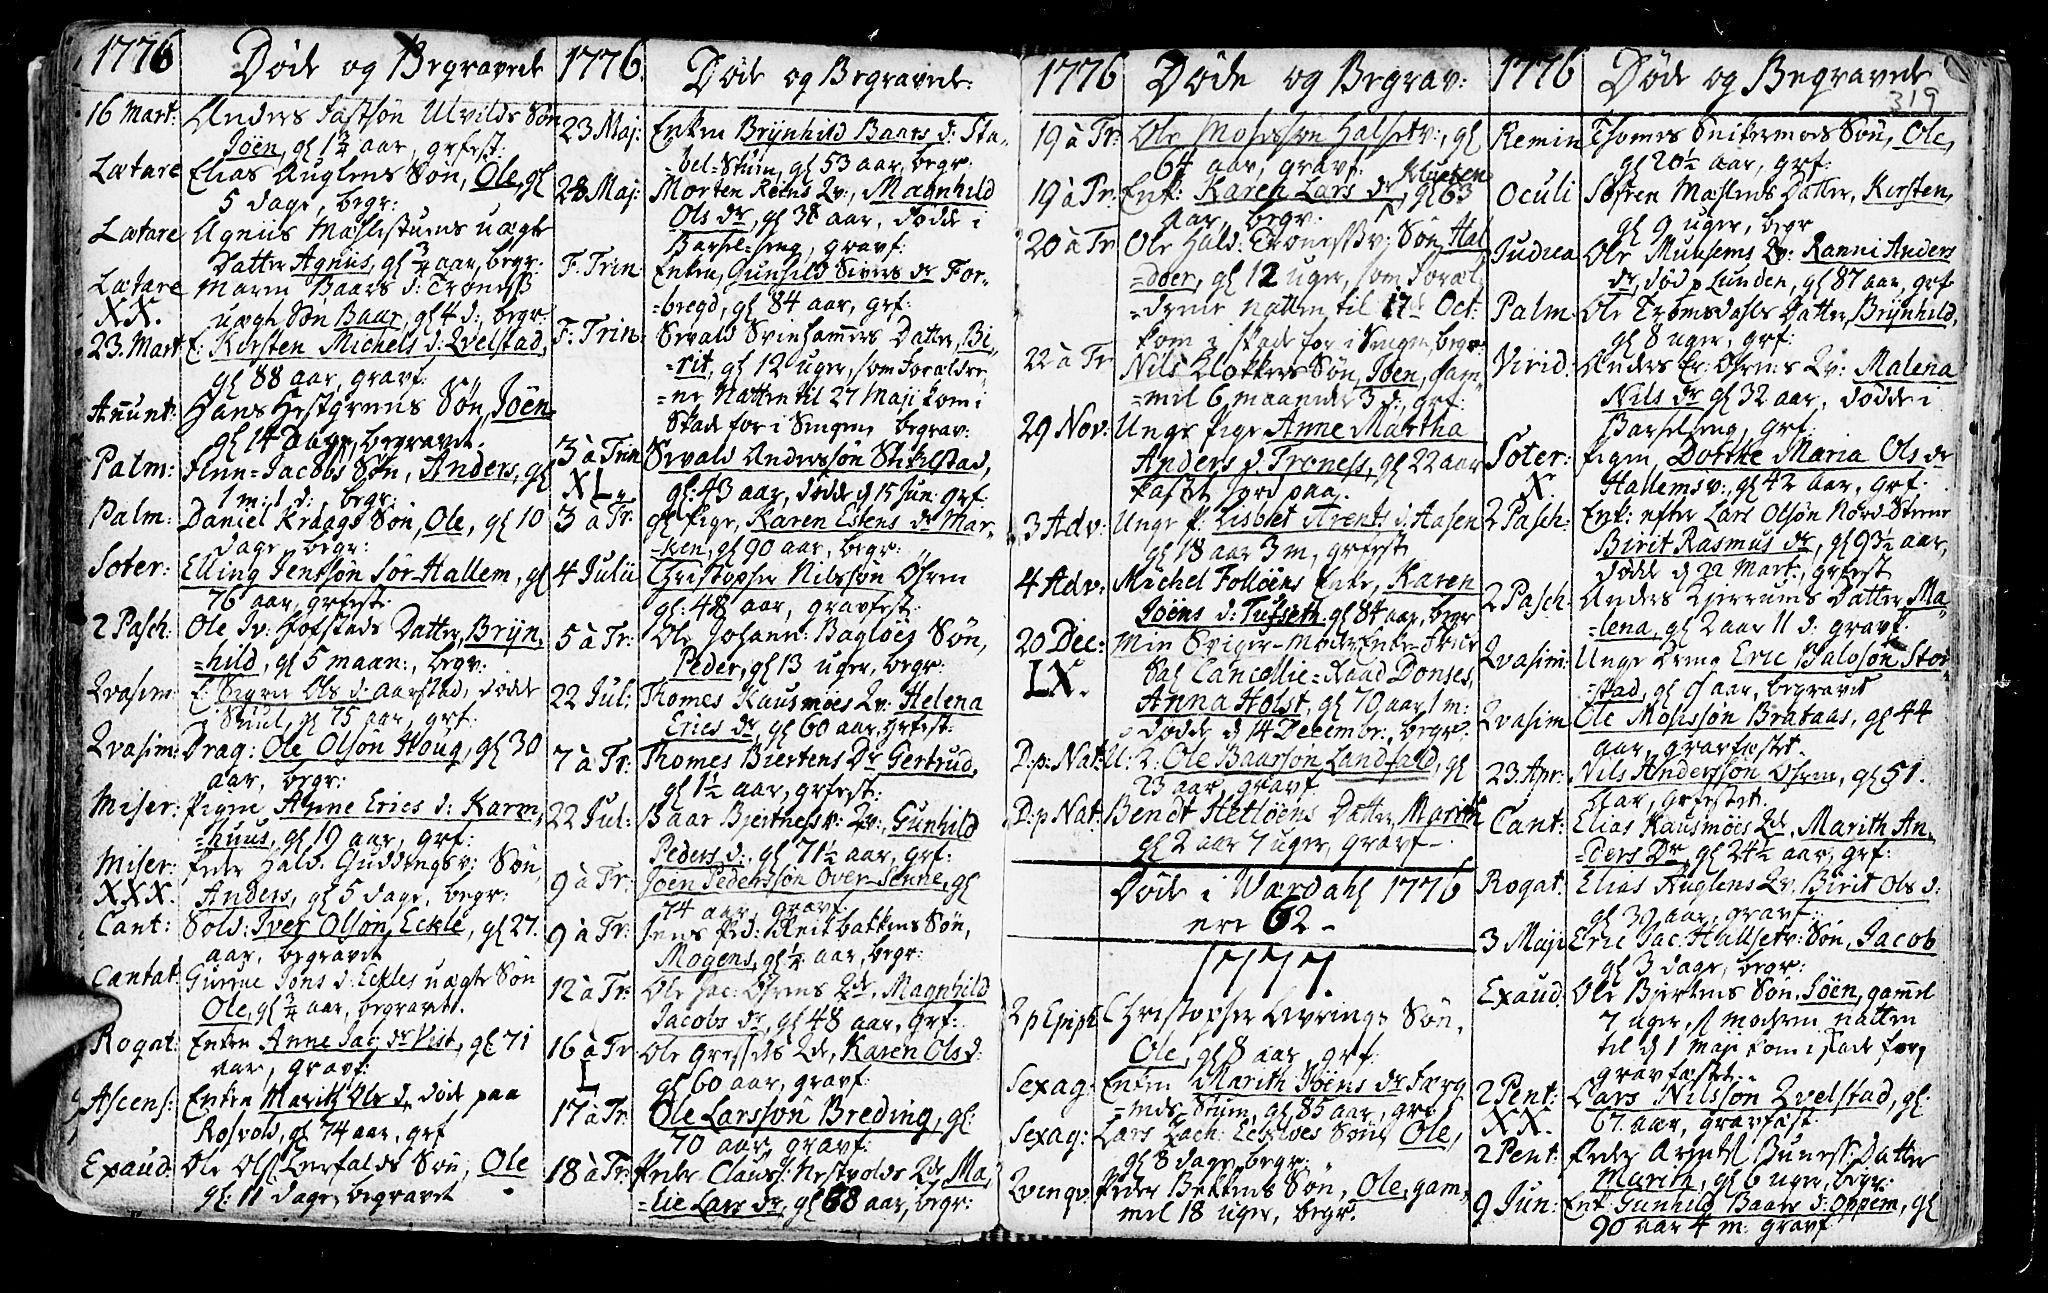 SAT, Ministerialprotokoller, klokkerbøker og fødselsregistre - Nord-Trøndelag, 723/L0231: Ministerialbok nr. 723A02, 1748-1780, s. 319